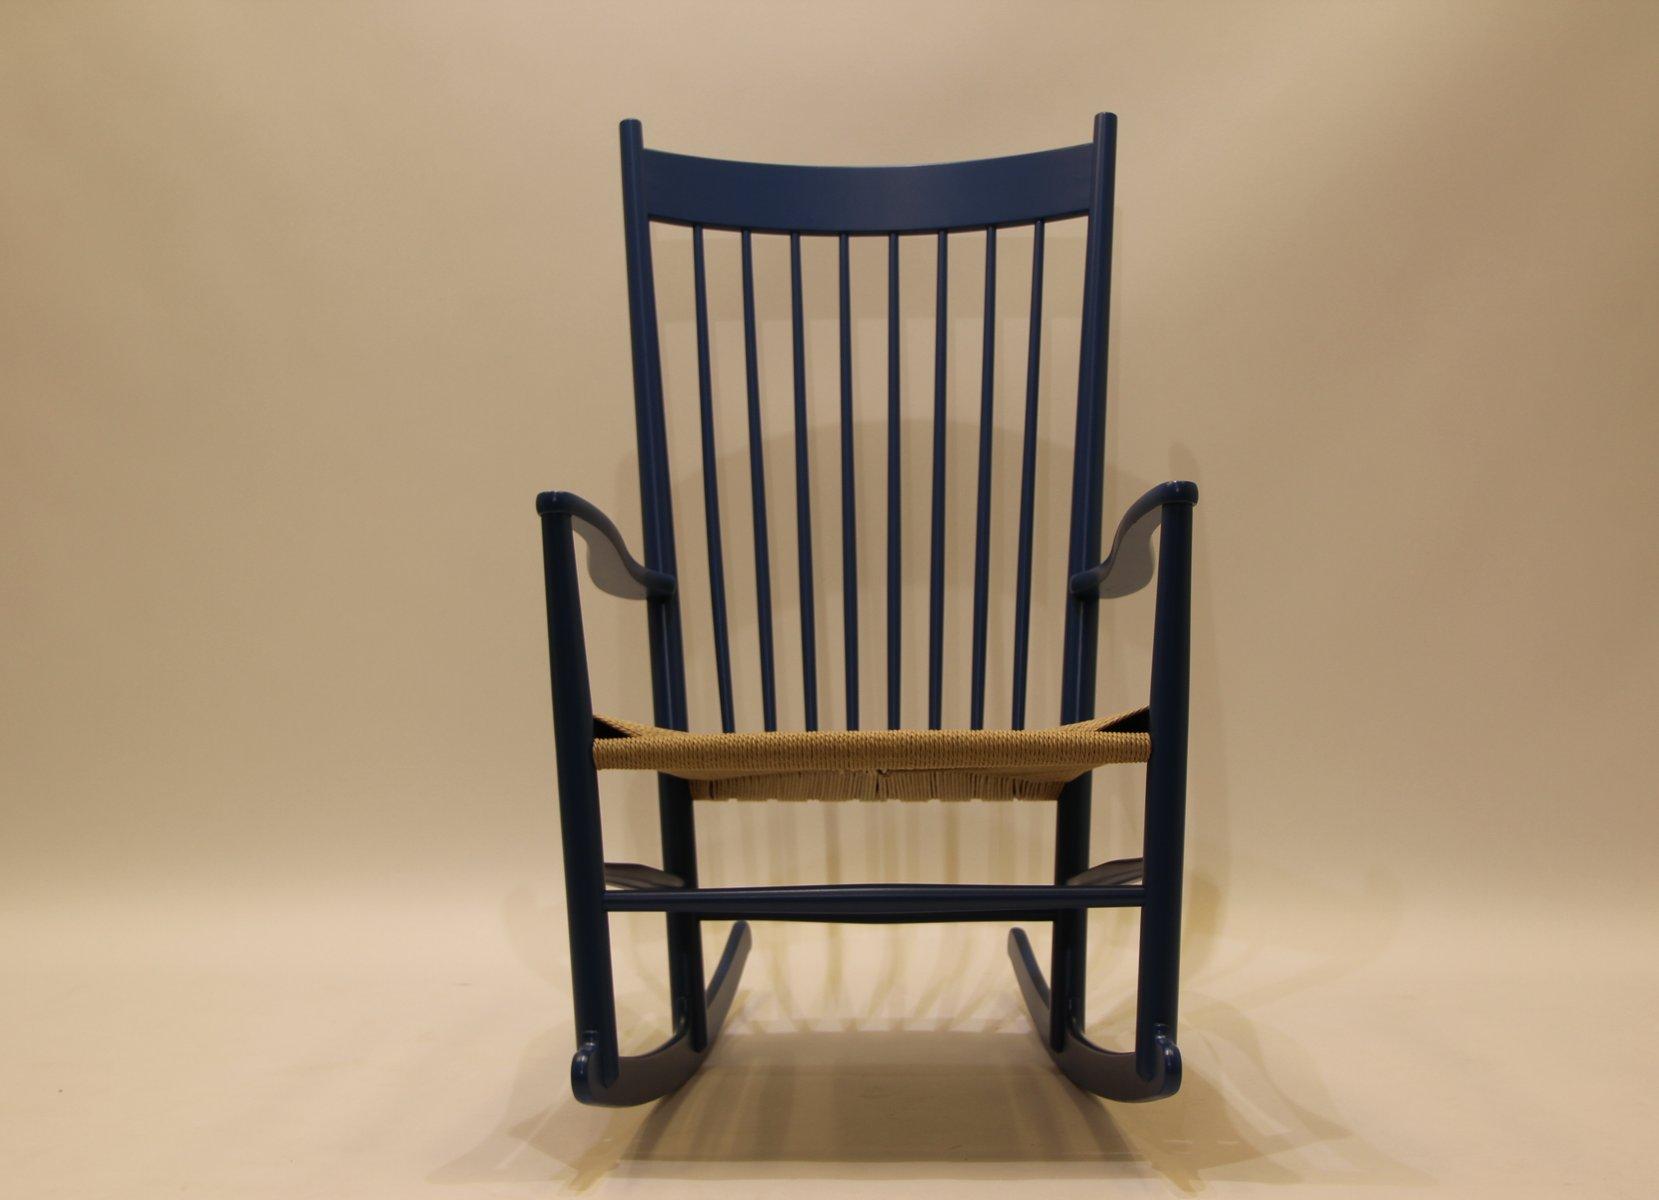 Vintage J16 Rocking Chair by Hans J Wegner for Kvist for sale at